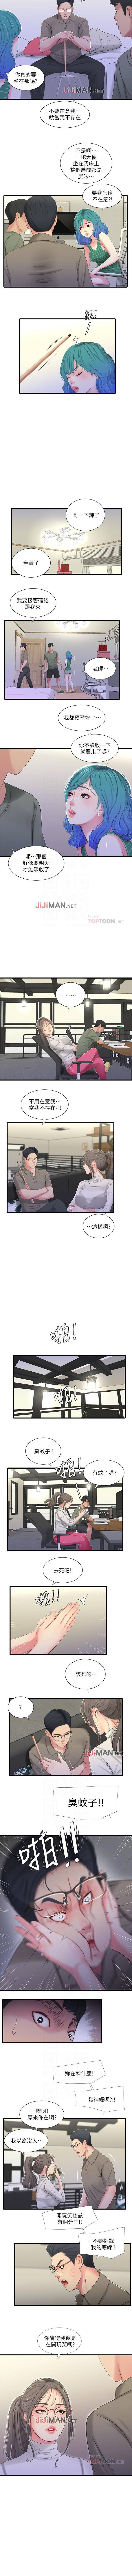 【周四连载】亲家四姐妹(作者:愛摸) 第1~37话 150